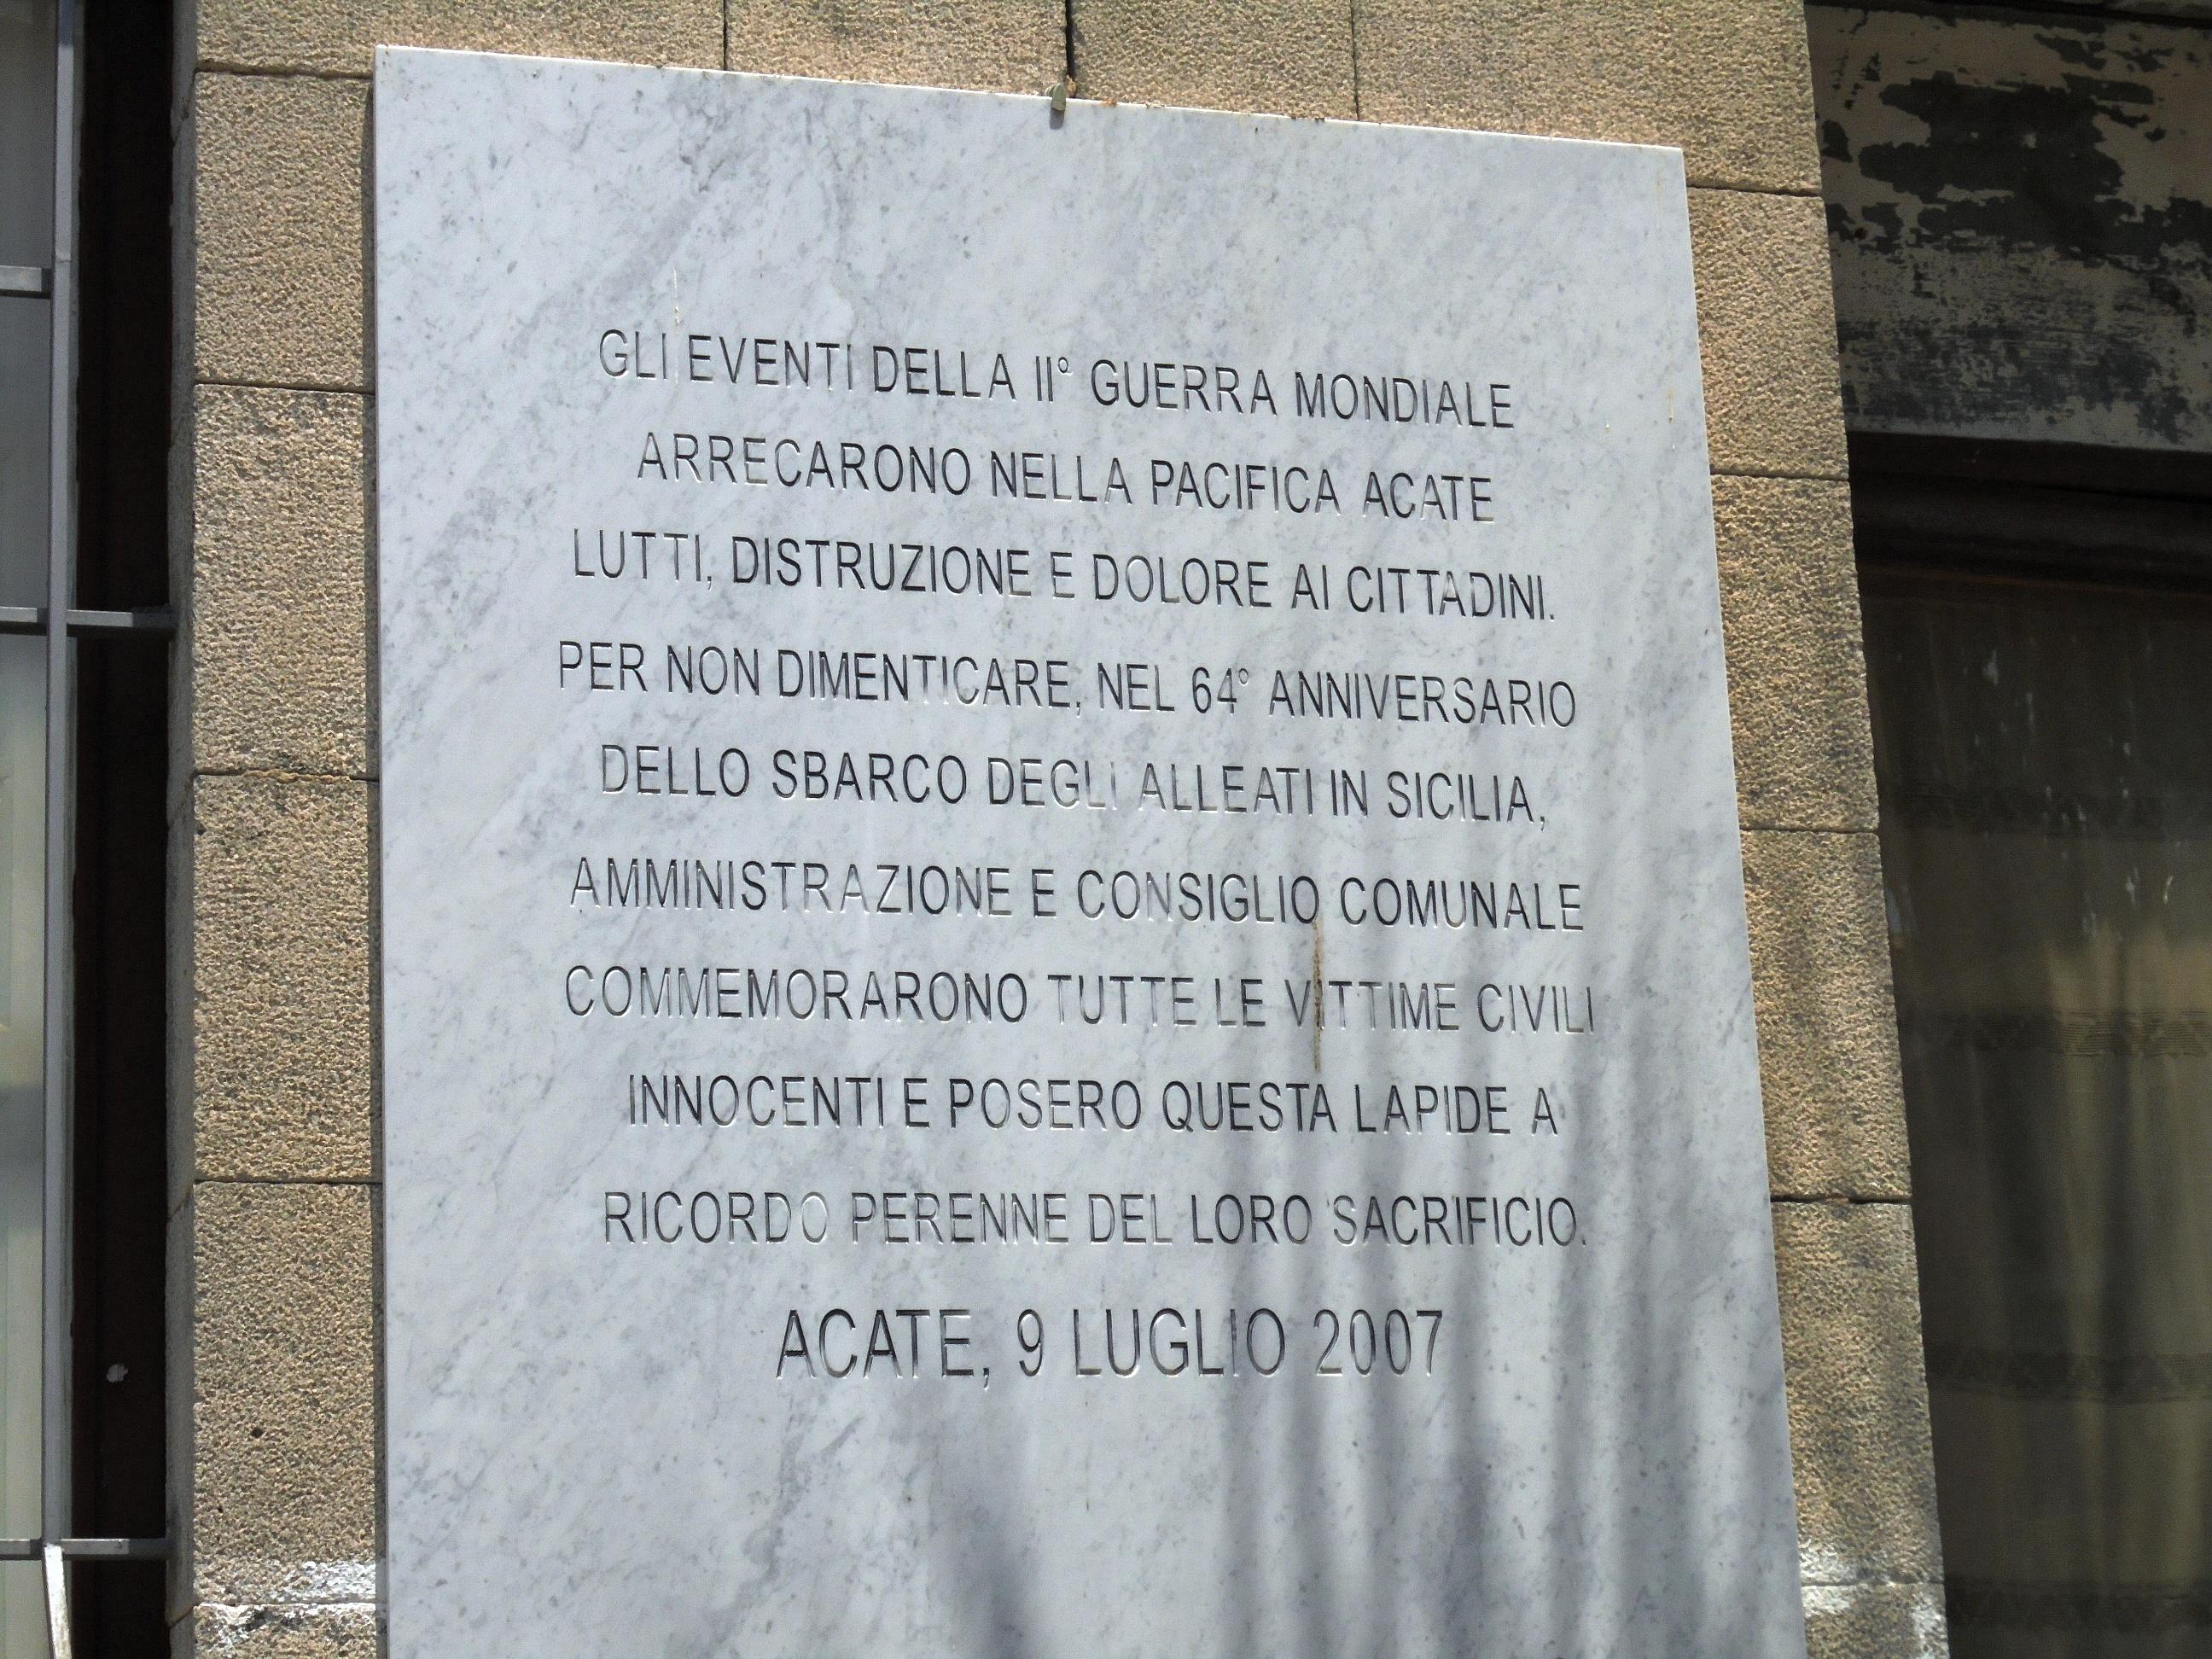 Acate. Dal 2007 una lapide marmorea, sulla facciata del Municipio, ricorda le vittime civili del luglio 1943.